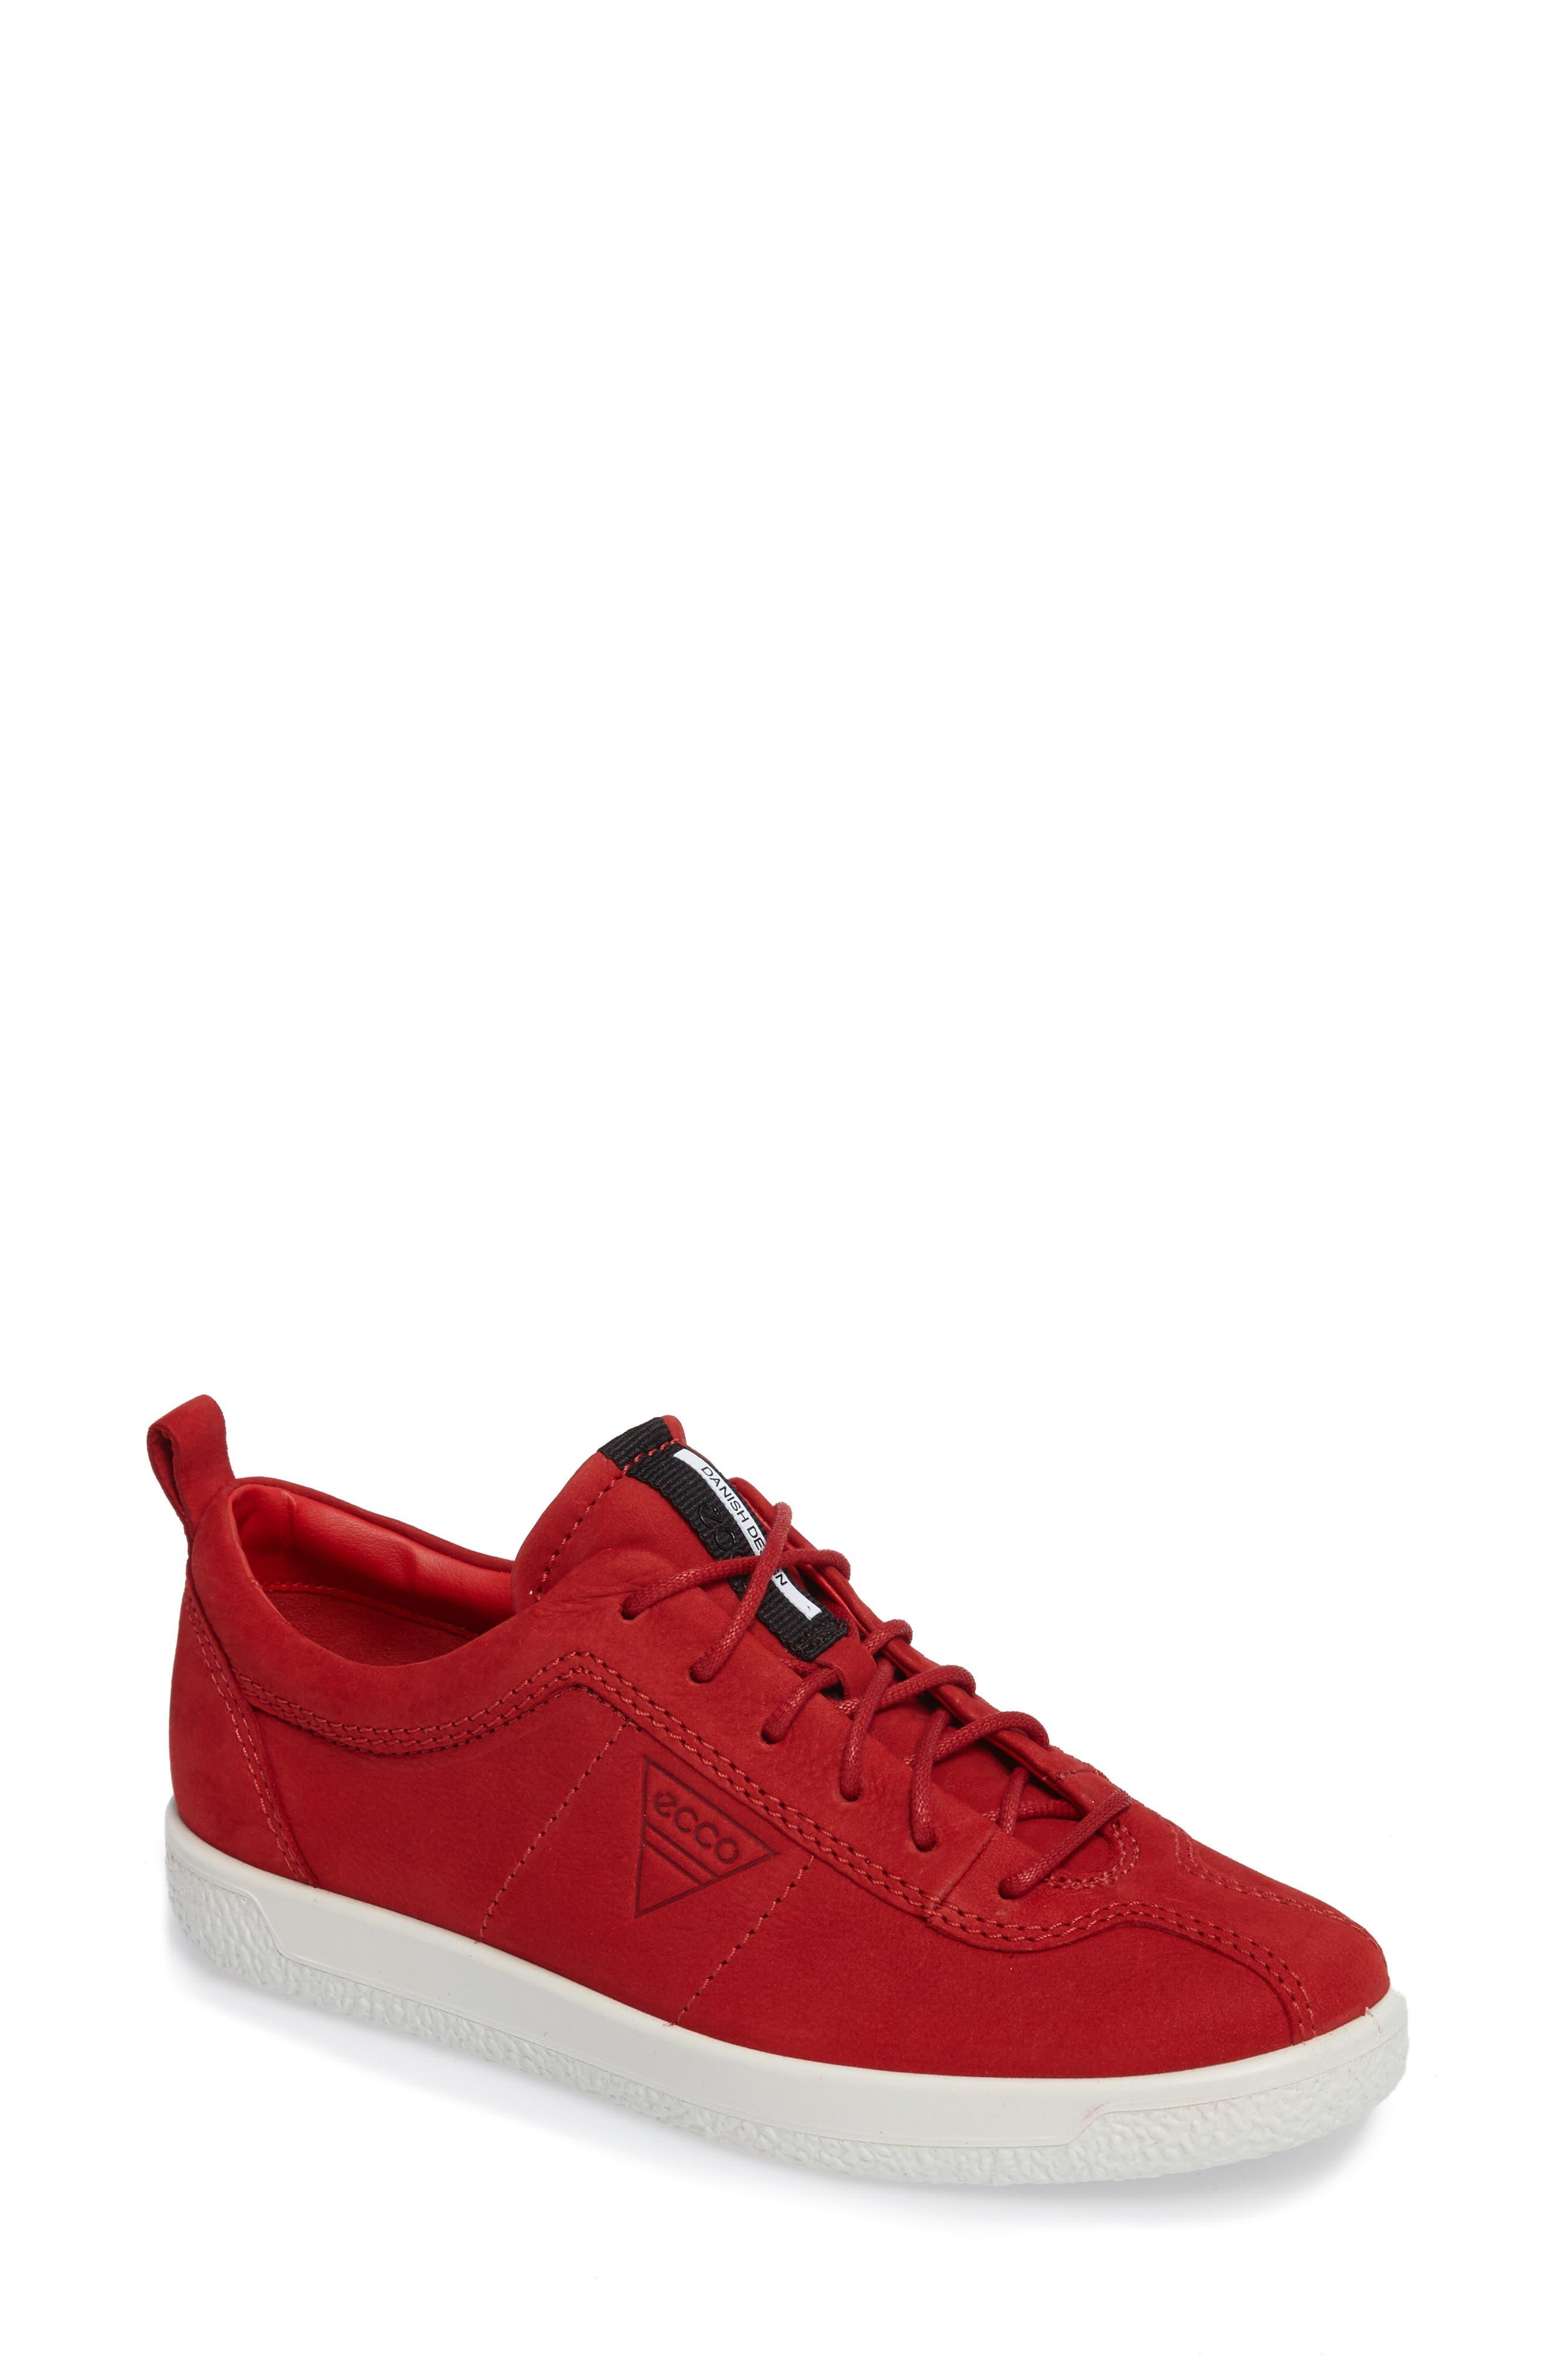 ECCO Soft 1 Sneaker (Women)